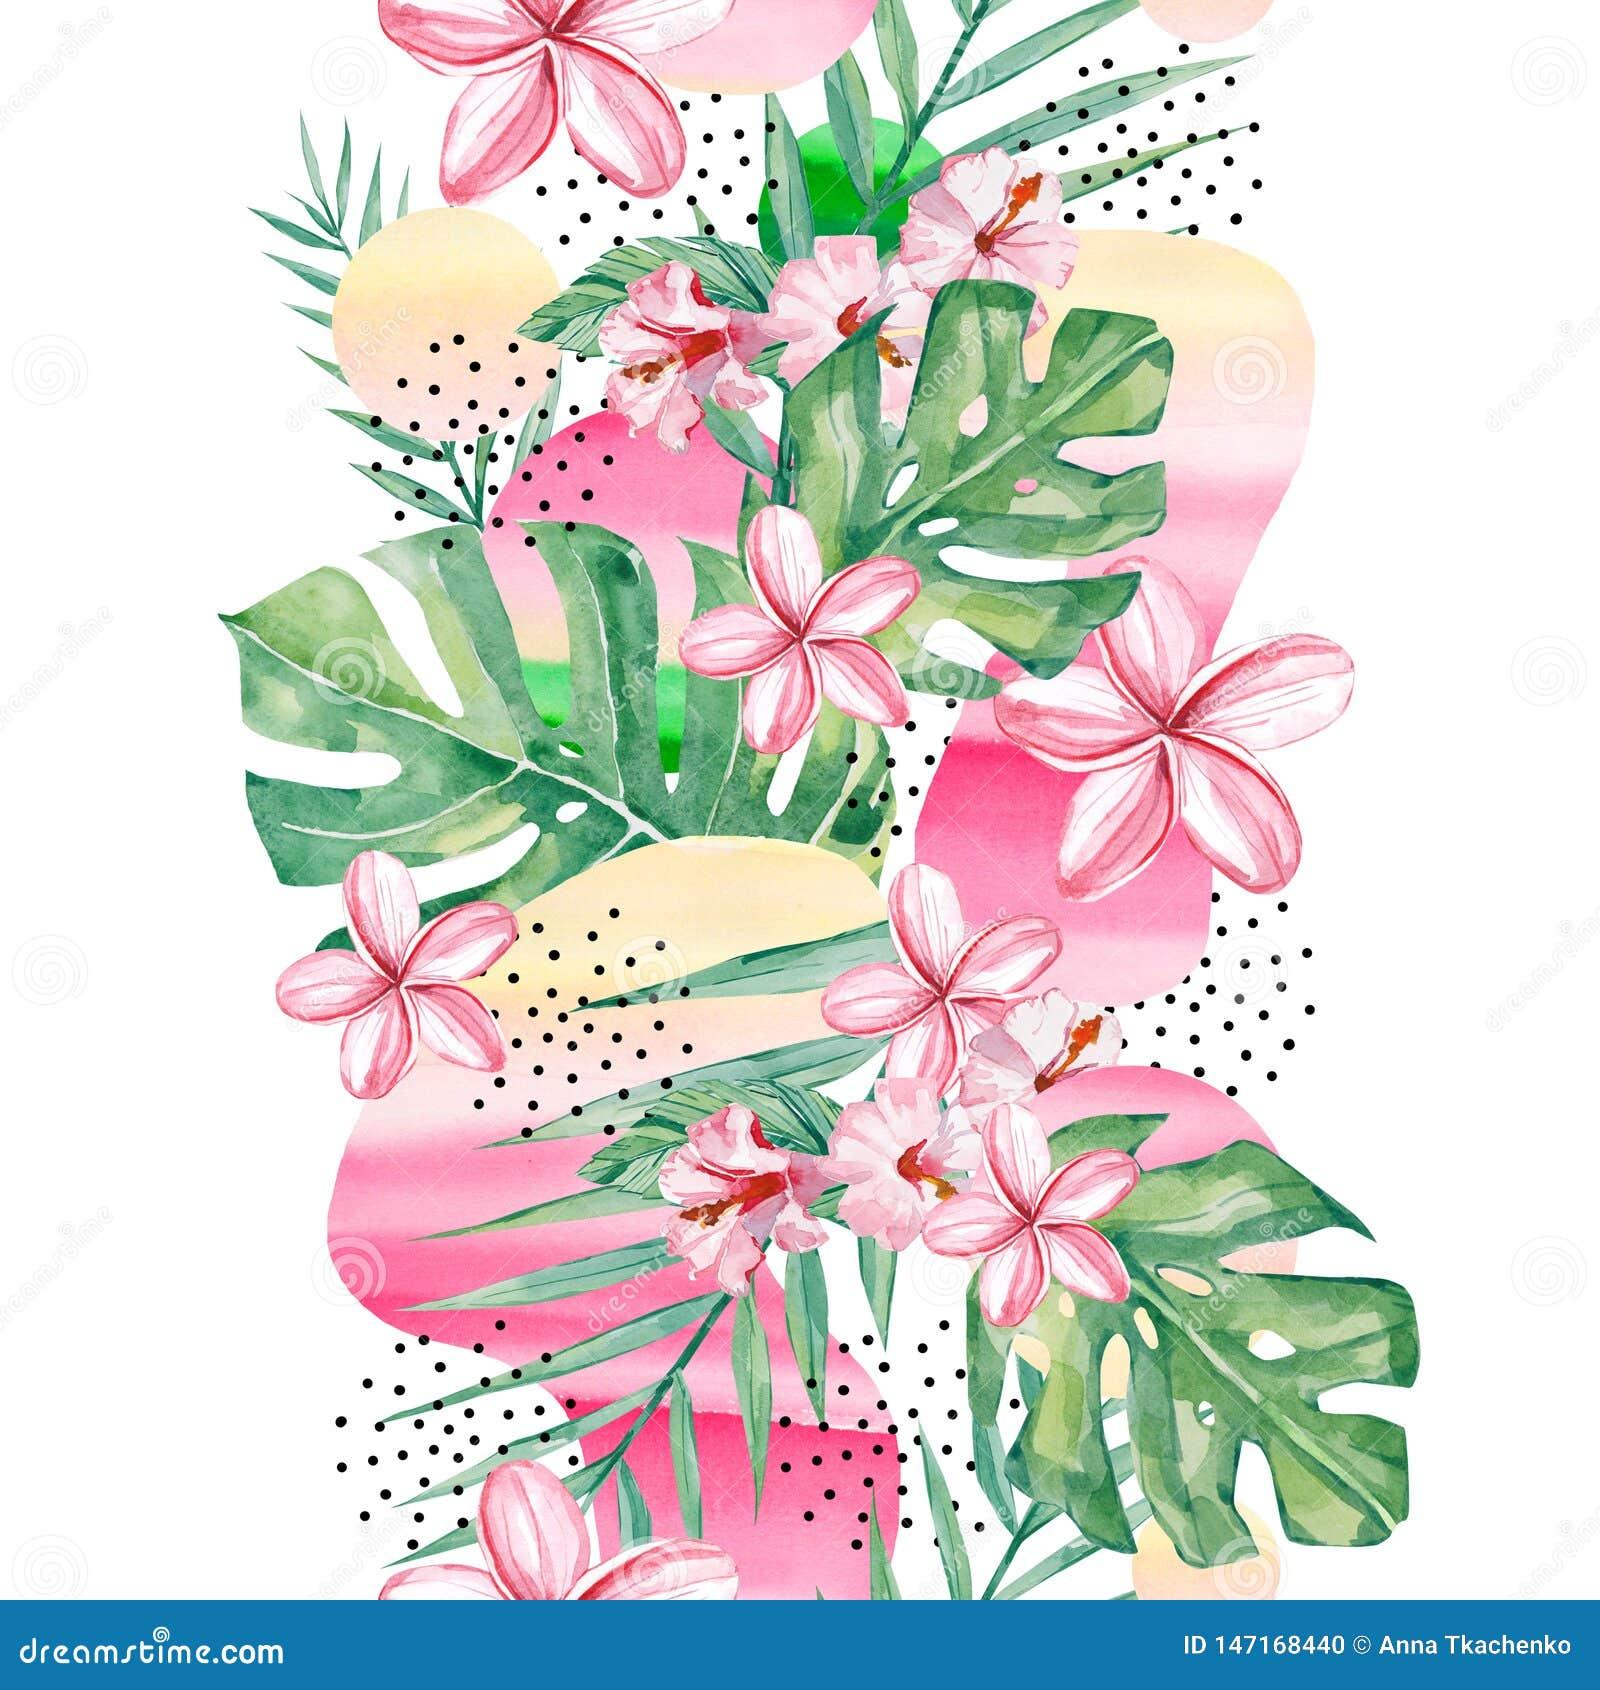 Τροπικό υπόβαθρο λουλουδιών, κλάδων και φύλλων Watercolor - αφηρημένο άνευ ραφής τροπικό φυτό σχεδίων